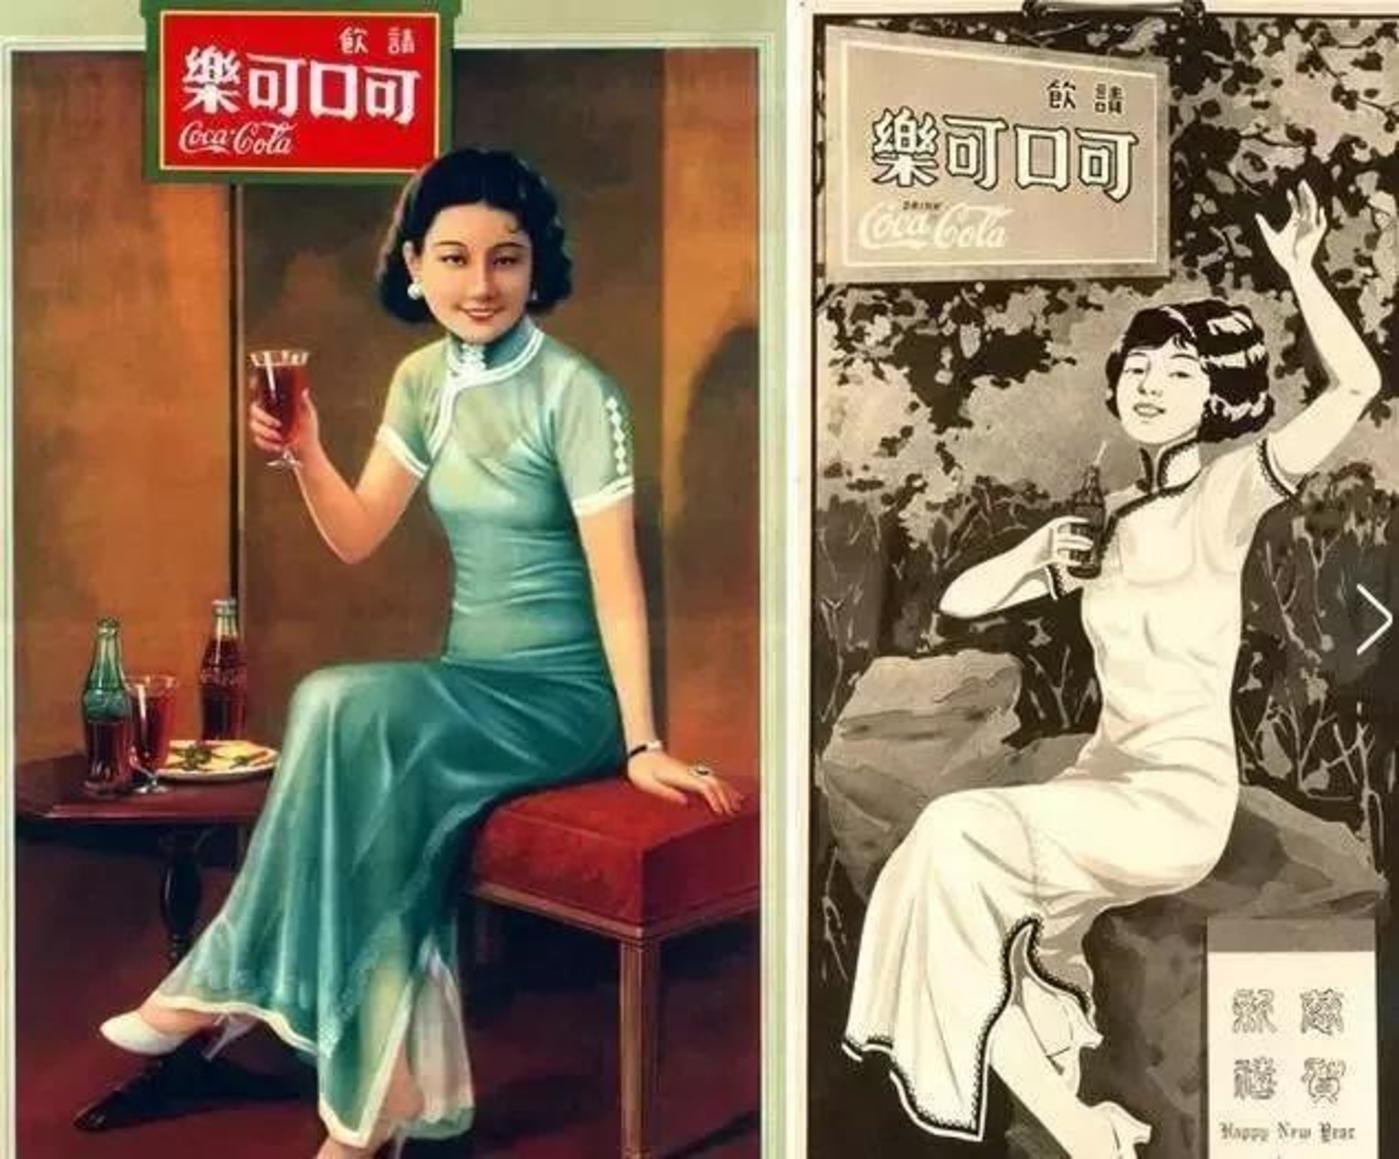 力宏太老,汇源大殇:中国饮料尚能饭否?